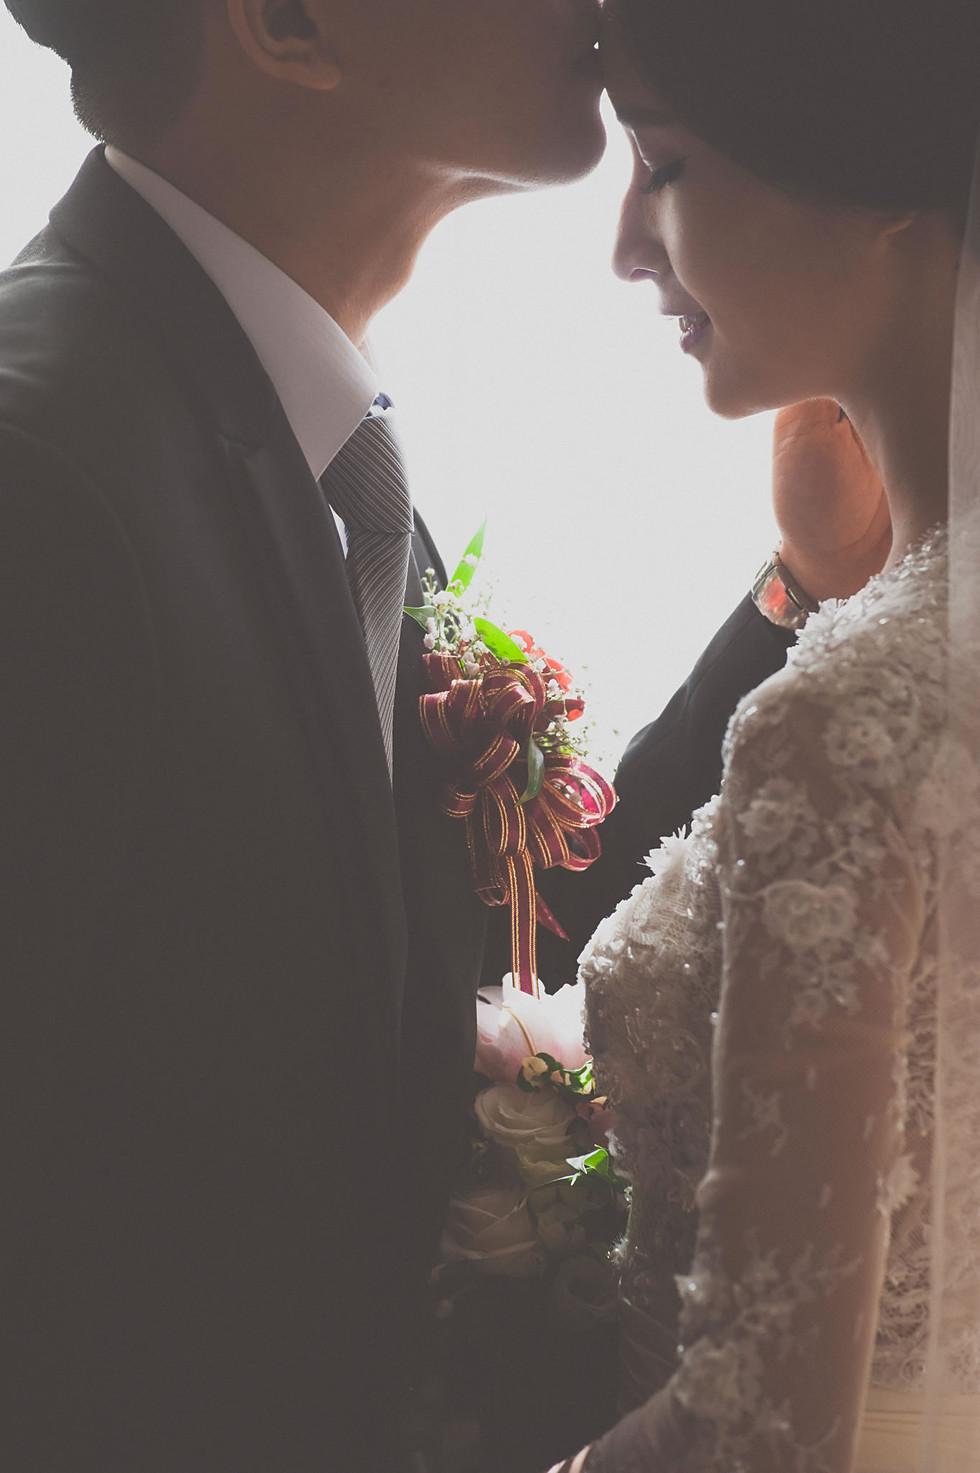 婚禮攝影 | Vic & Vicky